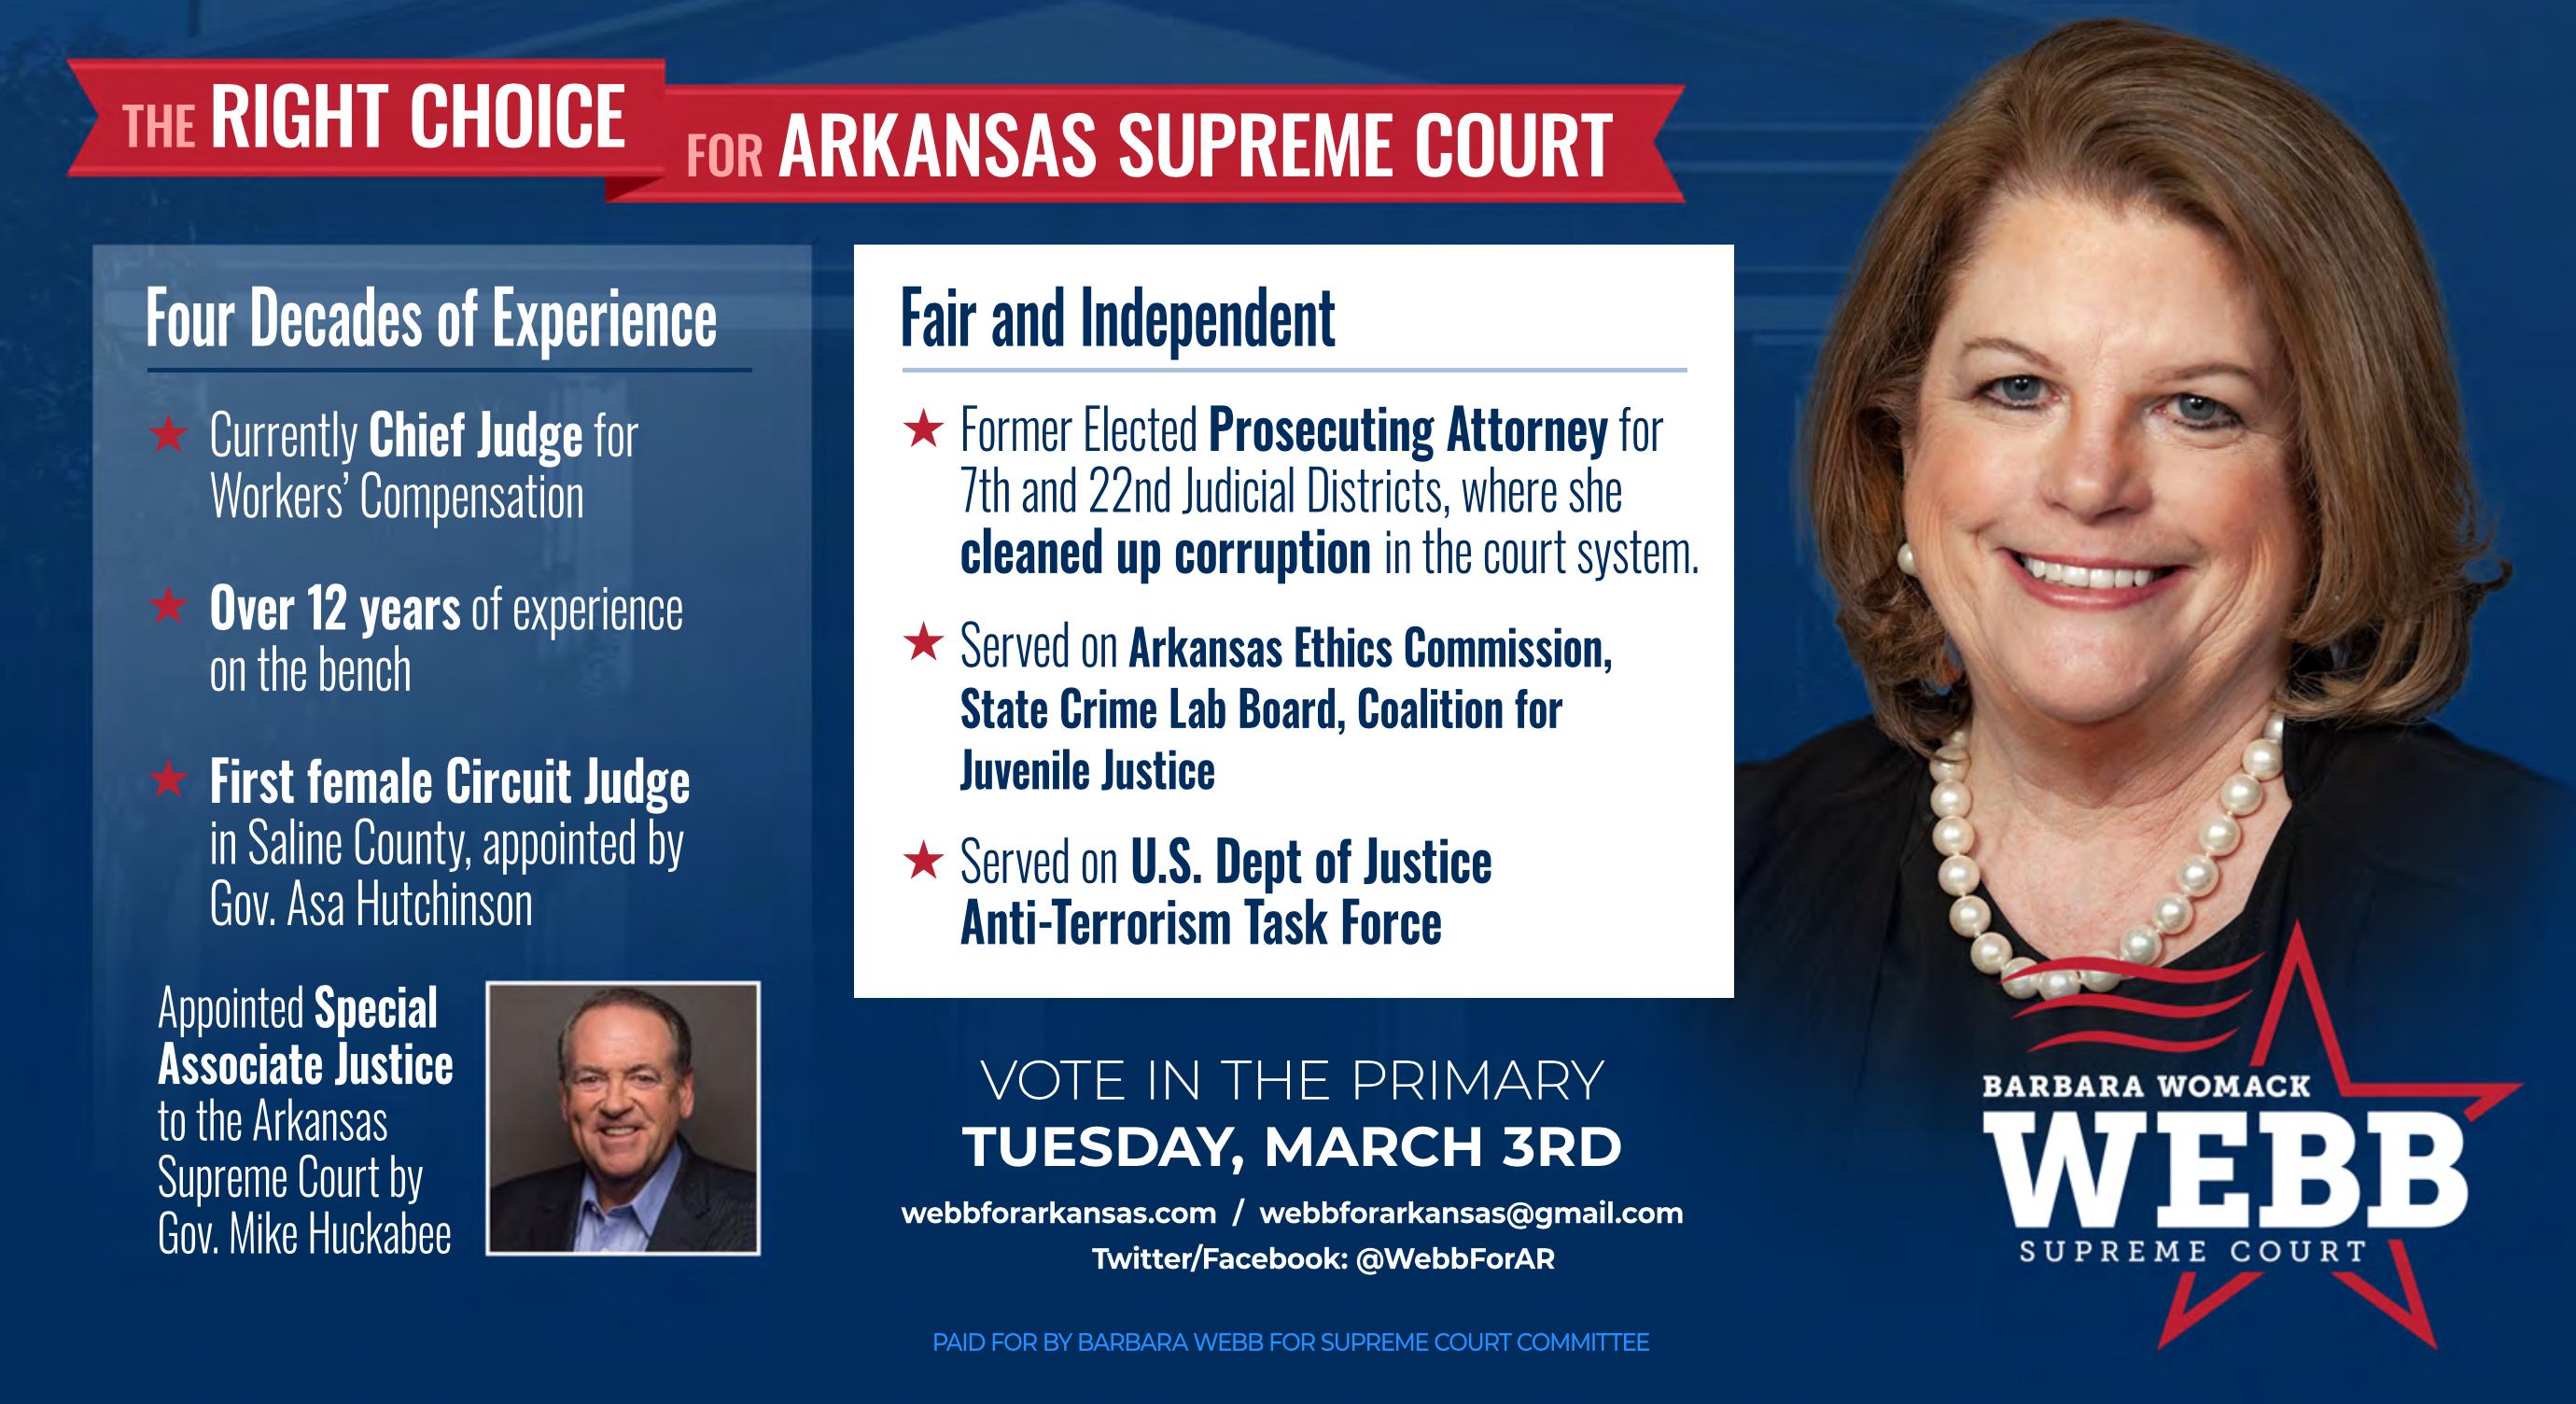 Barbara Webb for Arkansas Supreme Court